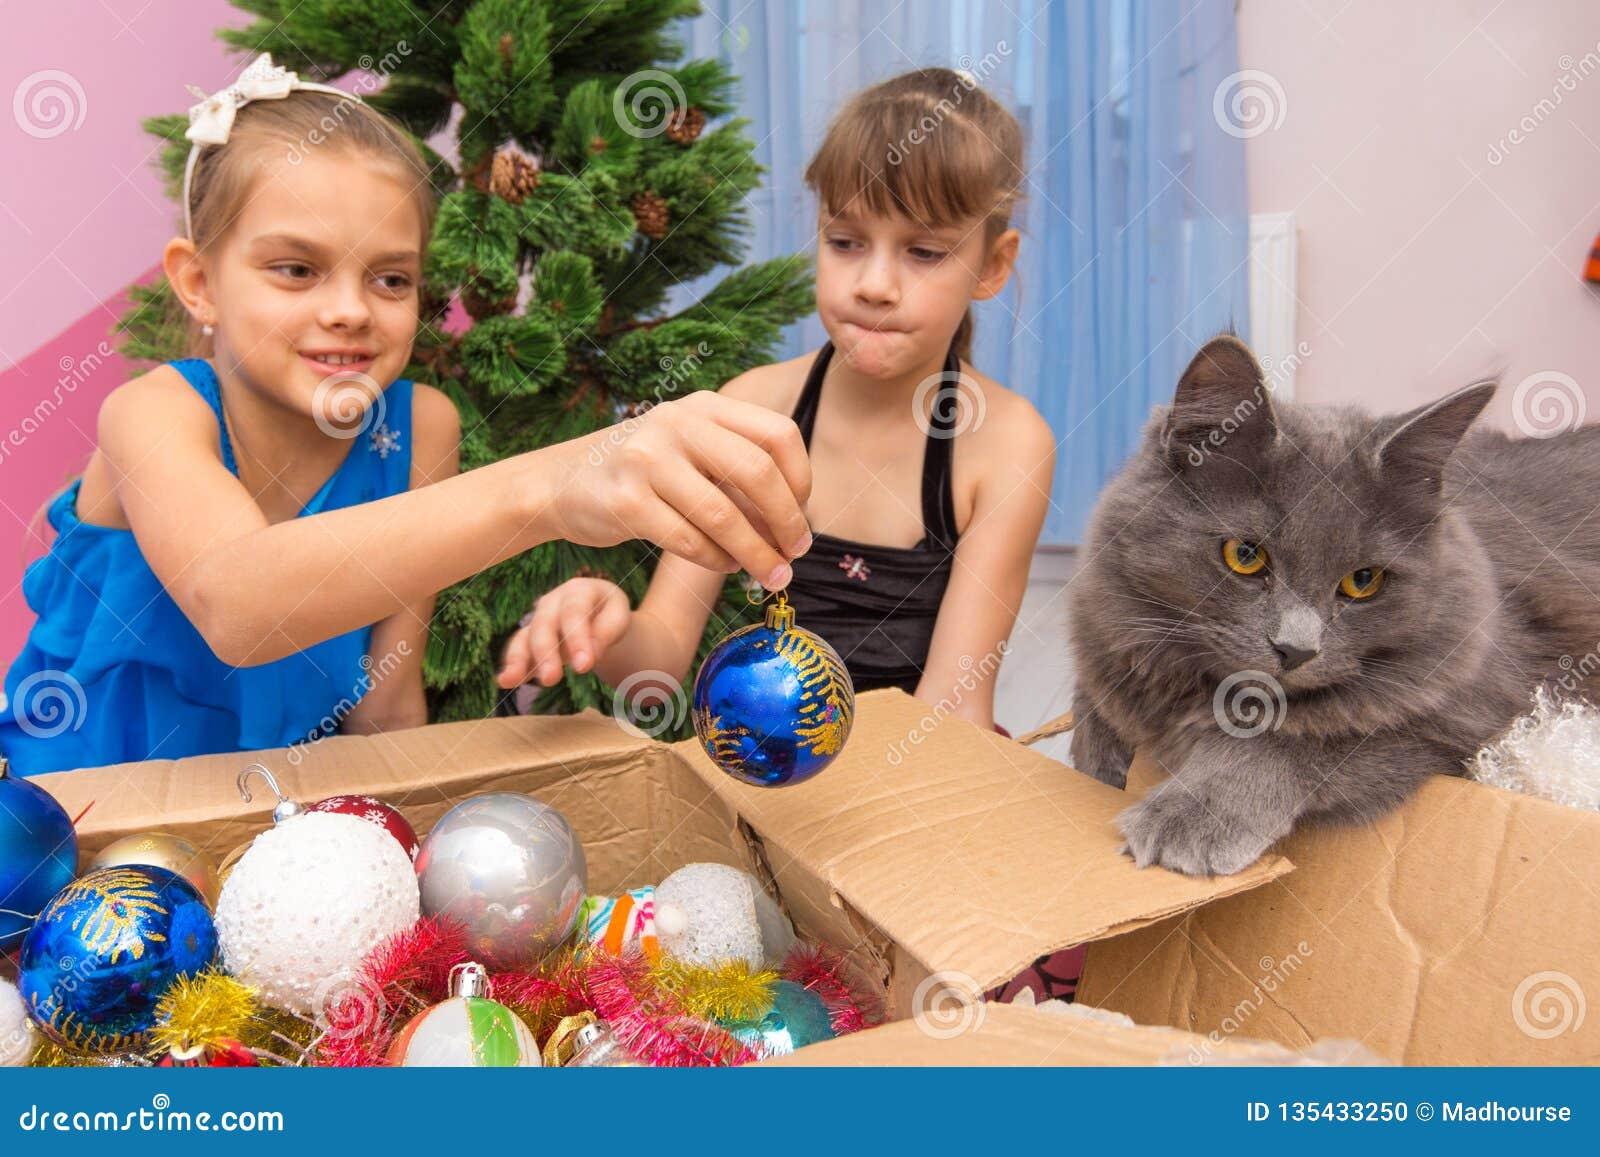 Deux filles tirent des jouets de Noël hors de la boîte et montrent le chat